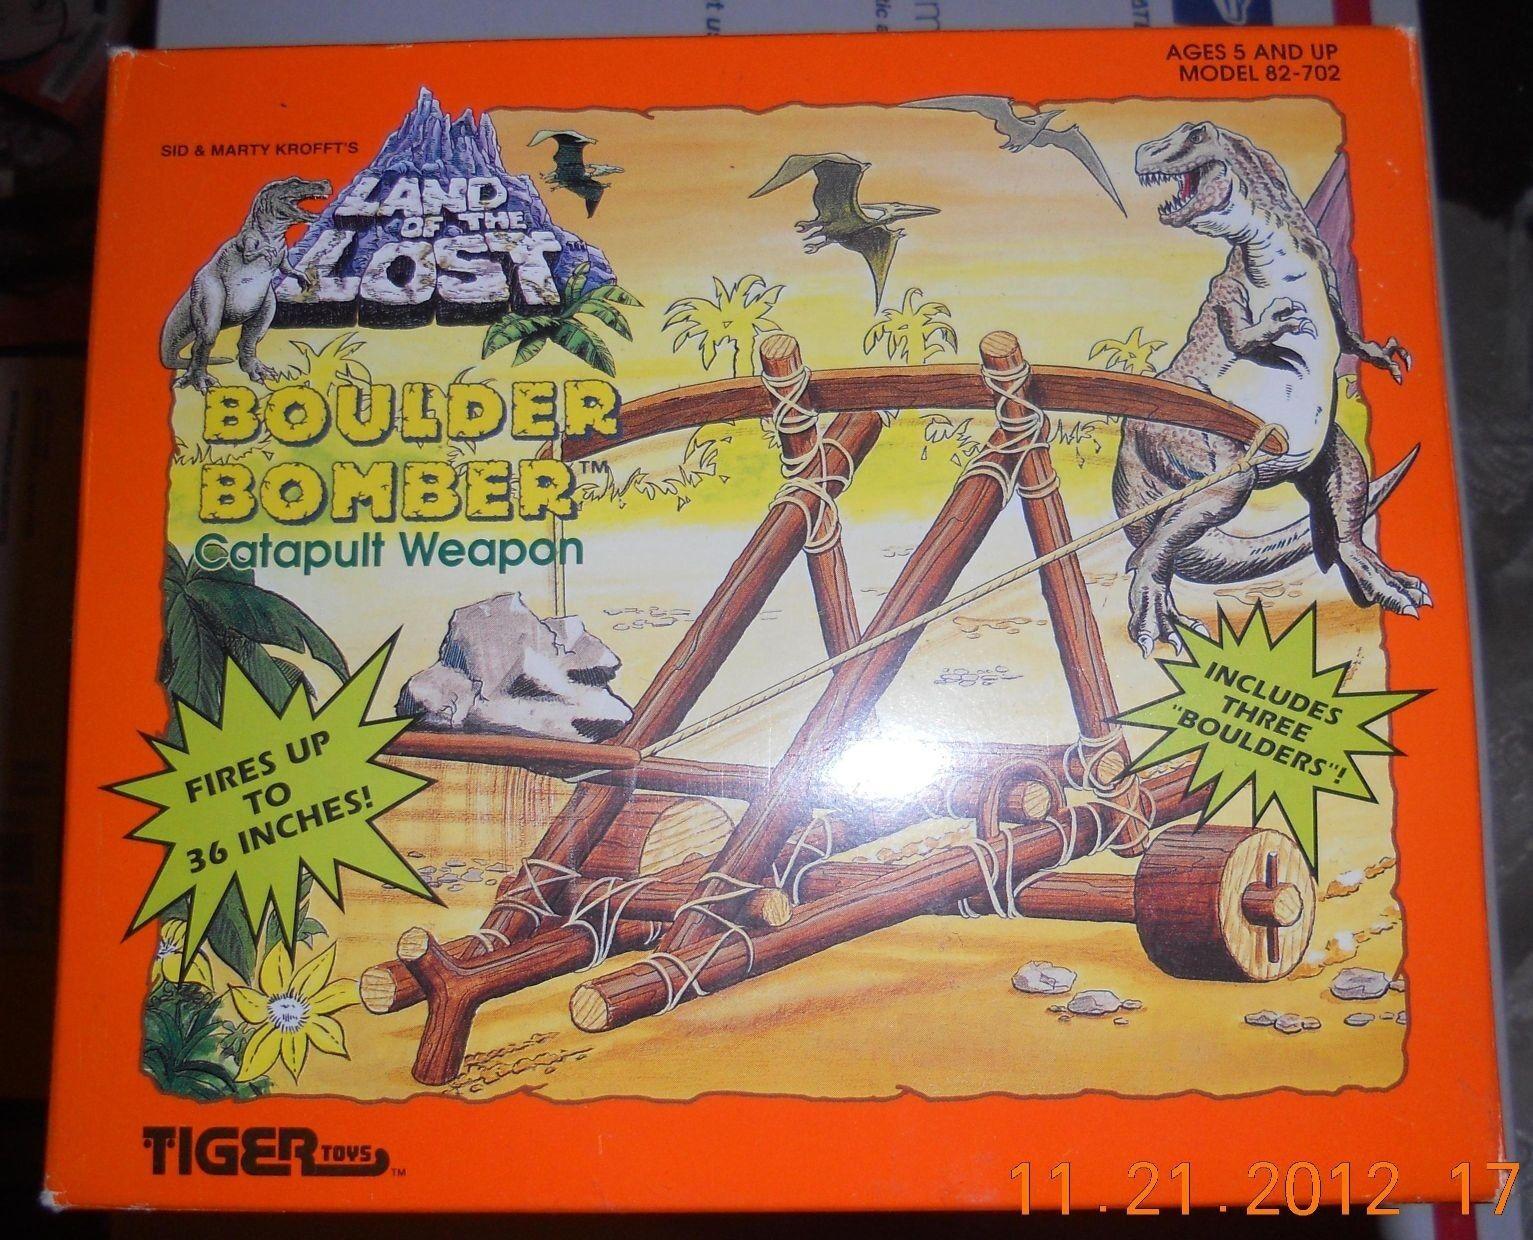 1992 Tiger Toys Sid & Marty Krofft Land of the Lost Boulder Bomber VHTF NRFP